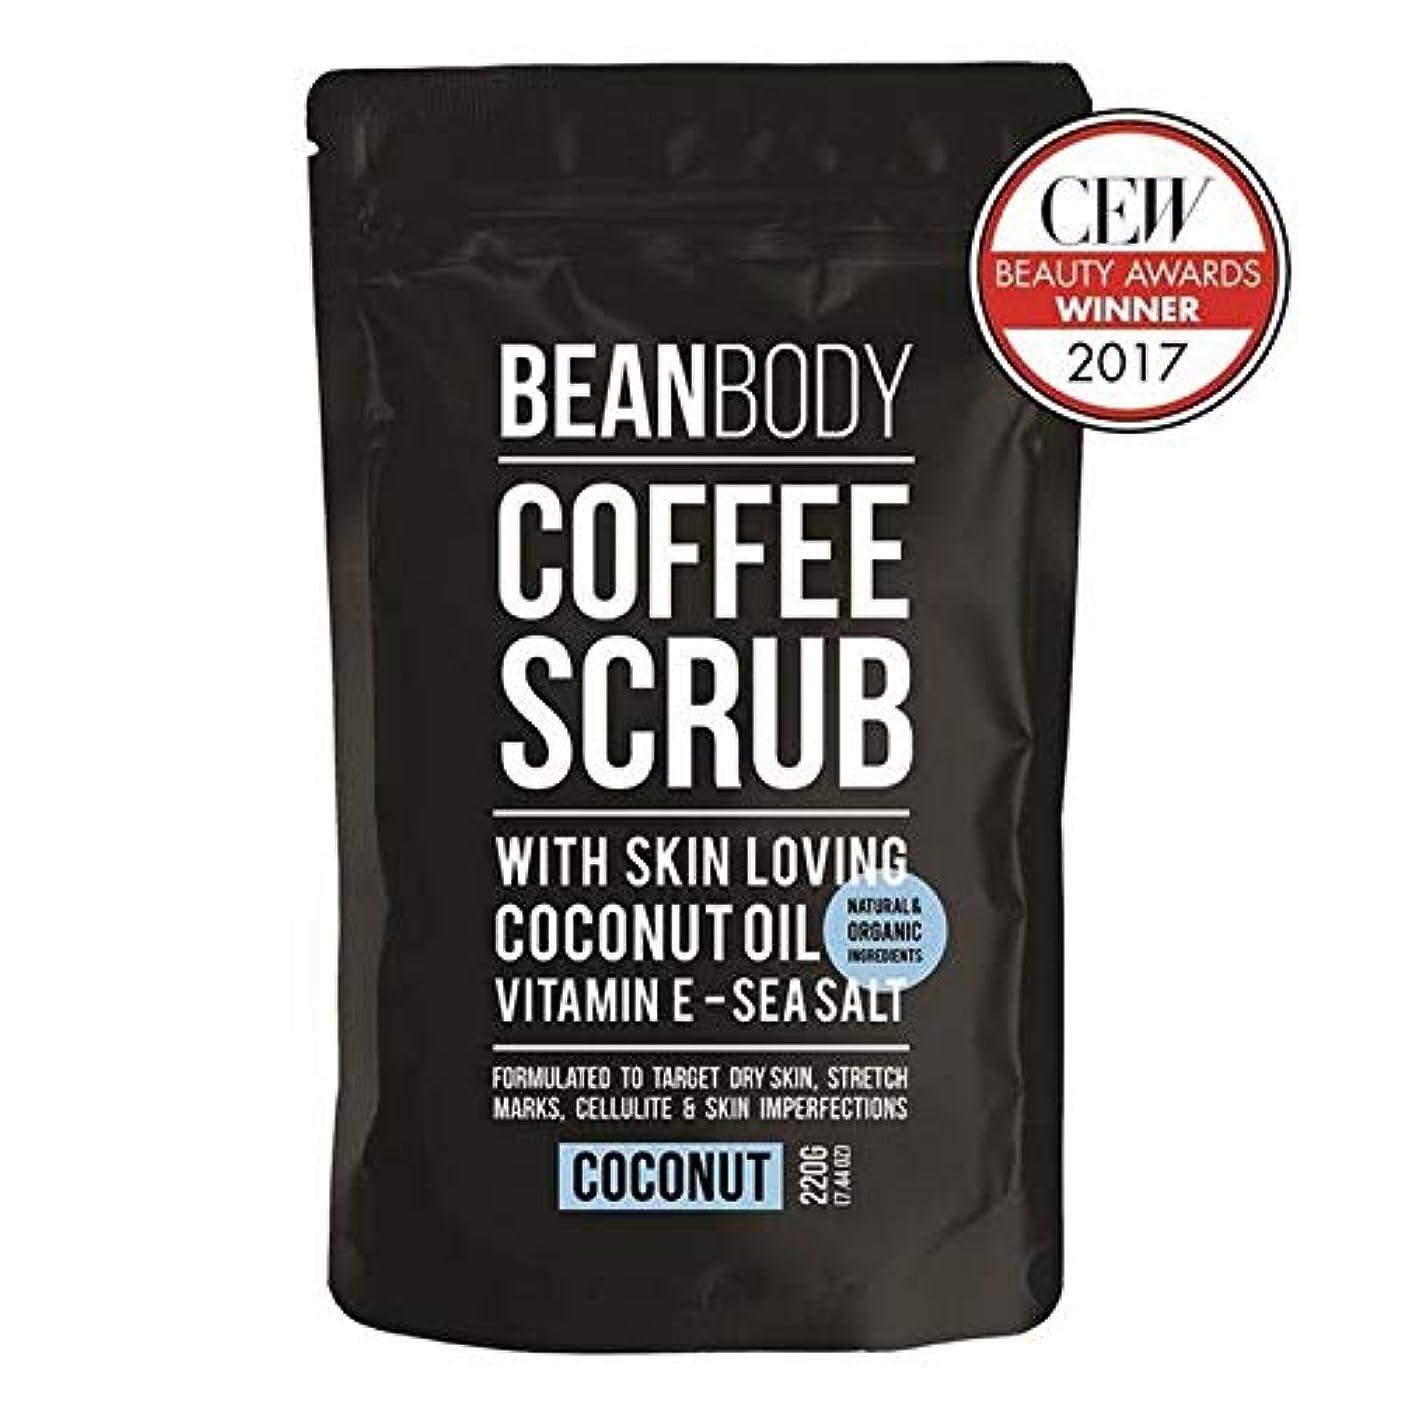 理容師権限を与えるまだら[Bean Body ] 豆のボディコーヒースクラブ、ココナッツ220グラム - Bean Body Coffee Scrub, Coconut 220g [並行輸入品]